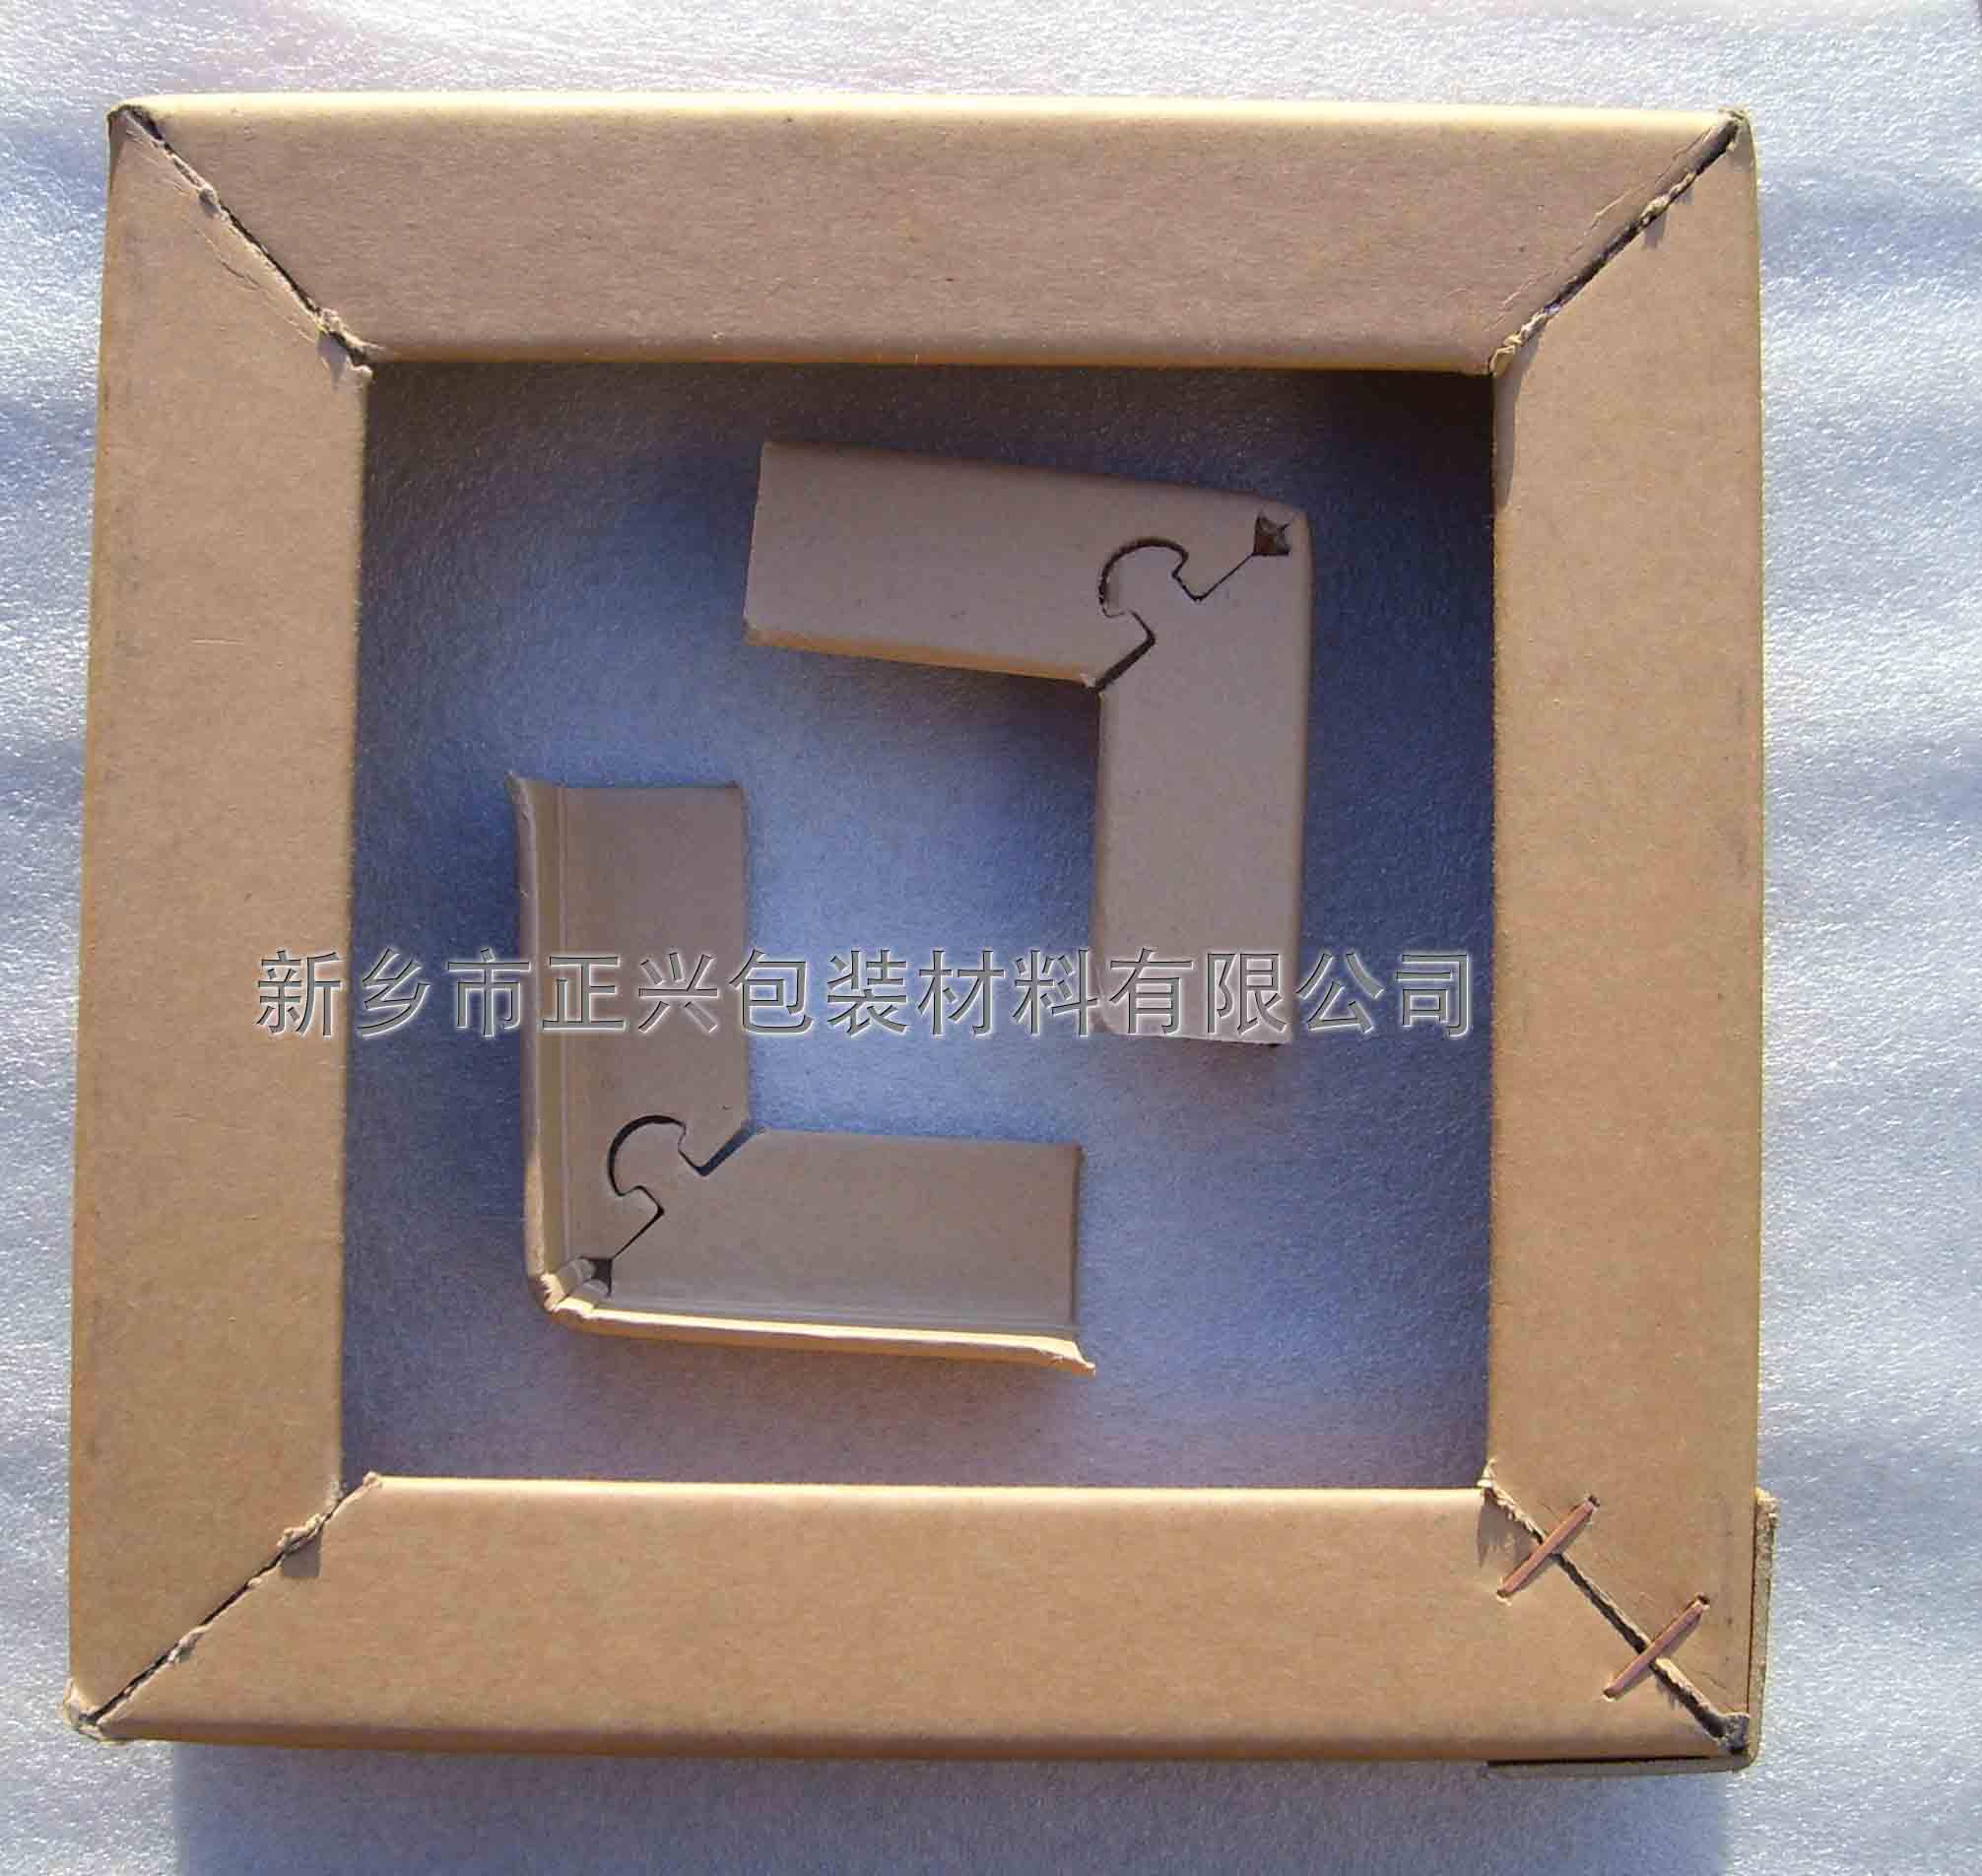 新乡折弯纸护角家具包装专用护角